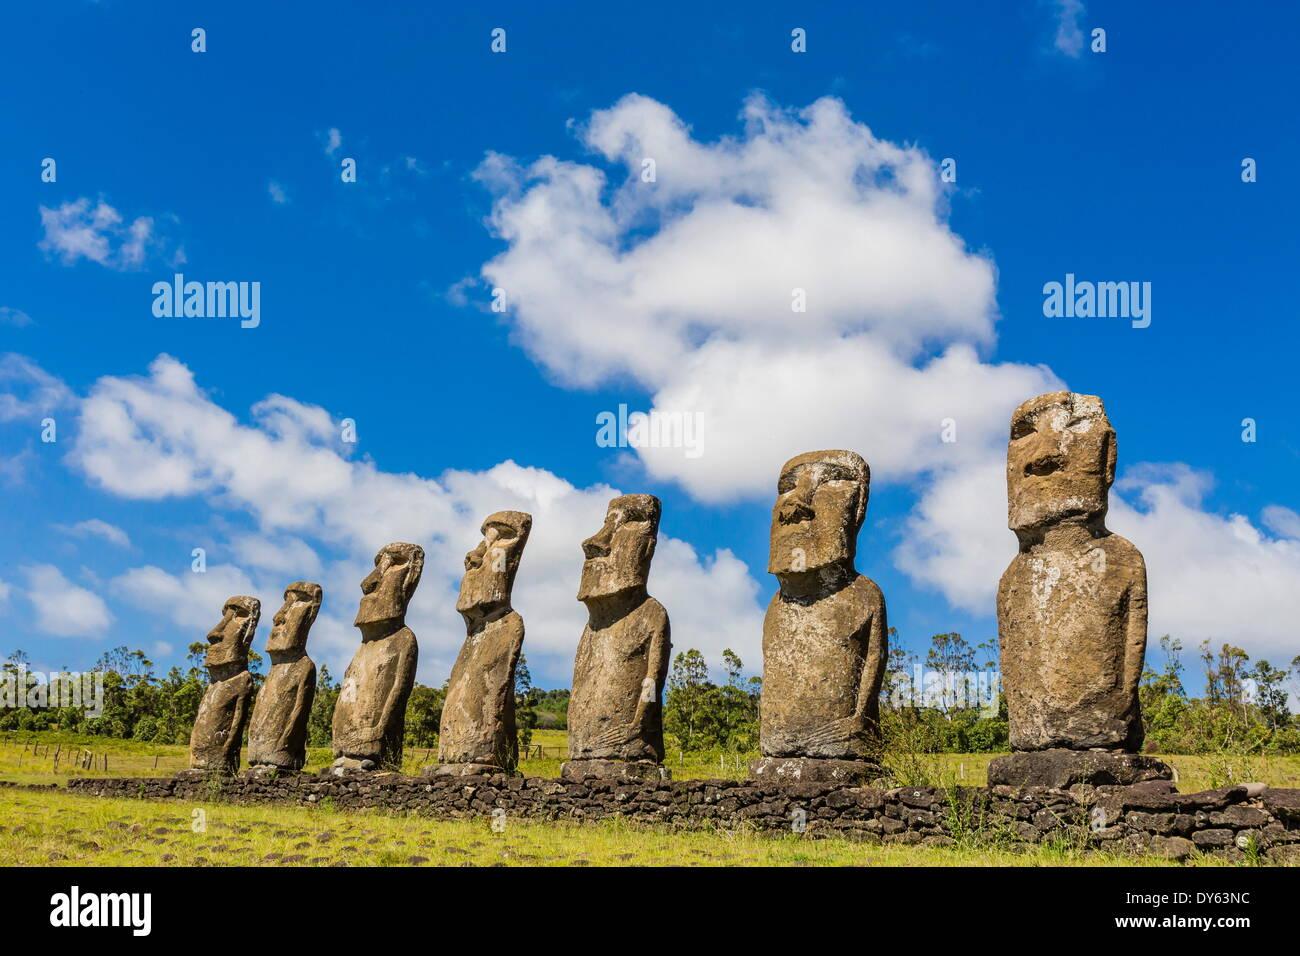 Sette Moai a Ahu Akivi, il primo altare restaurato sull'Isola di Pasqua (Isla de Pascua) (Rapa Nui), sito UNESCO, Cile Immagini Stock